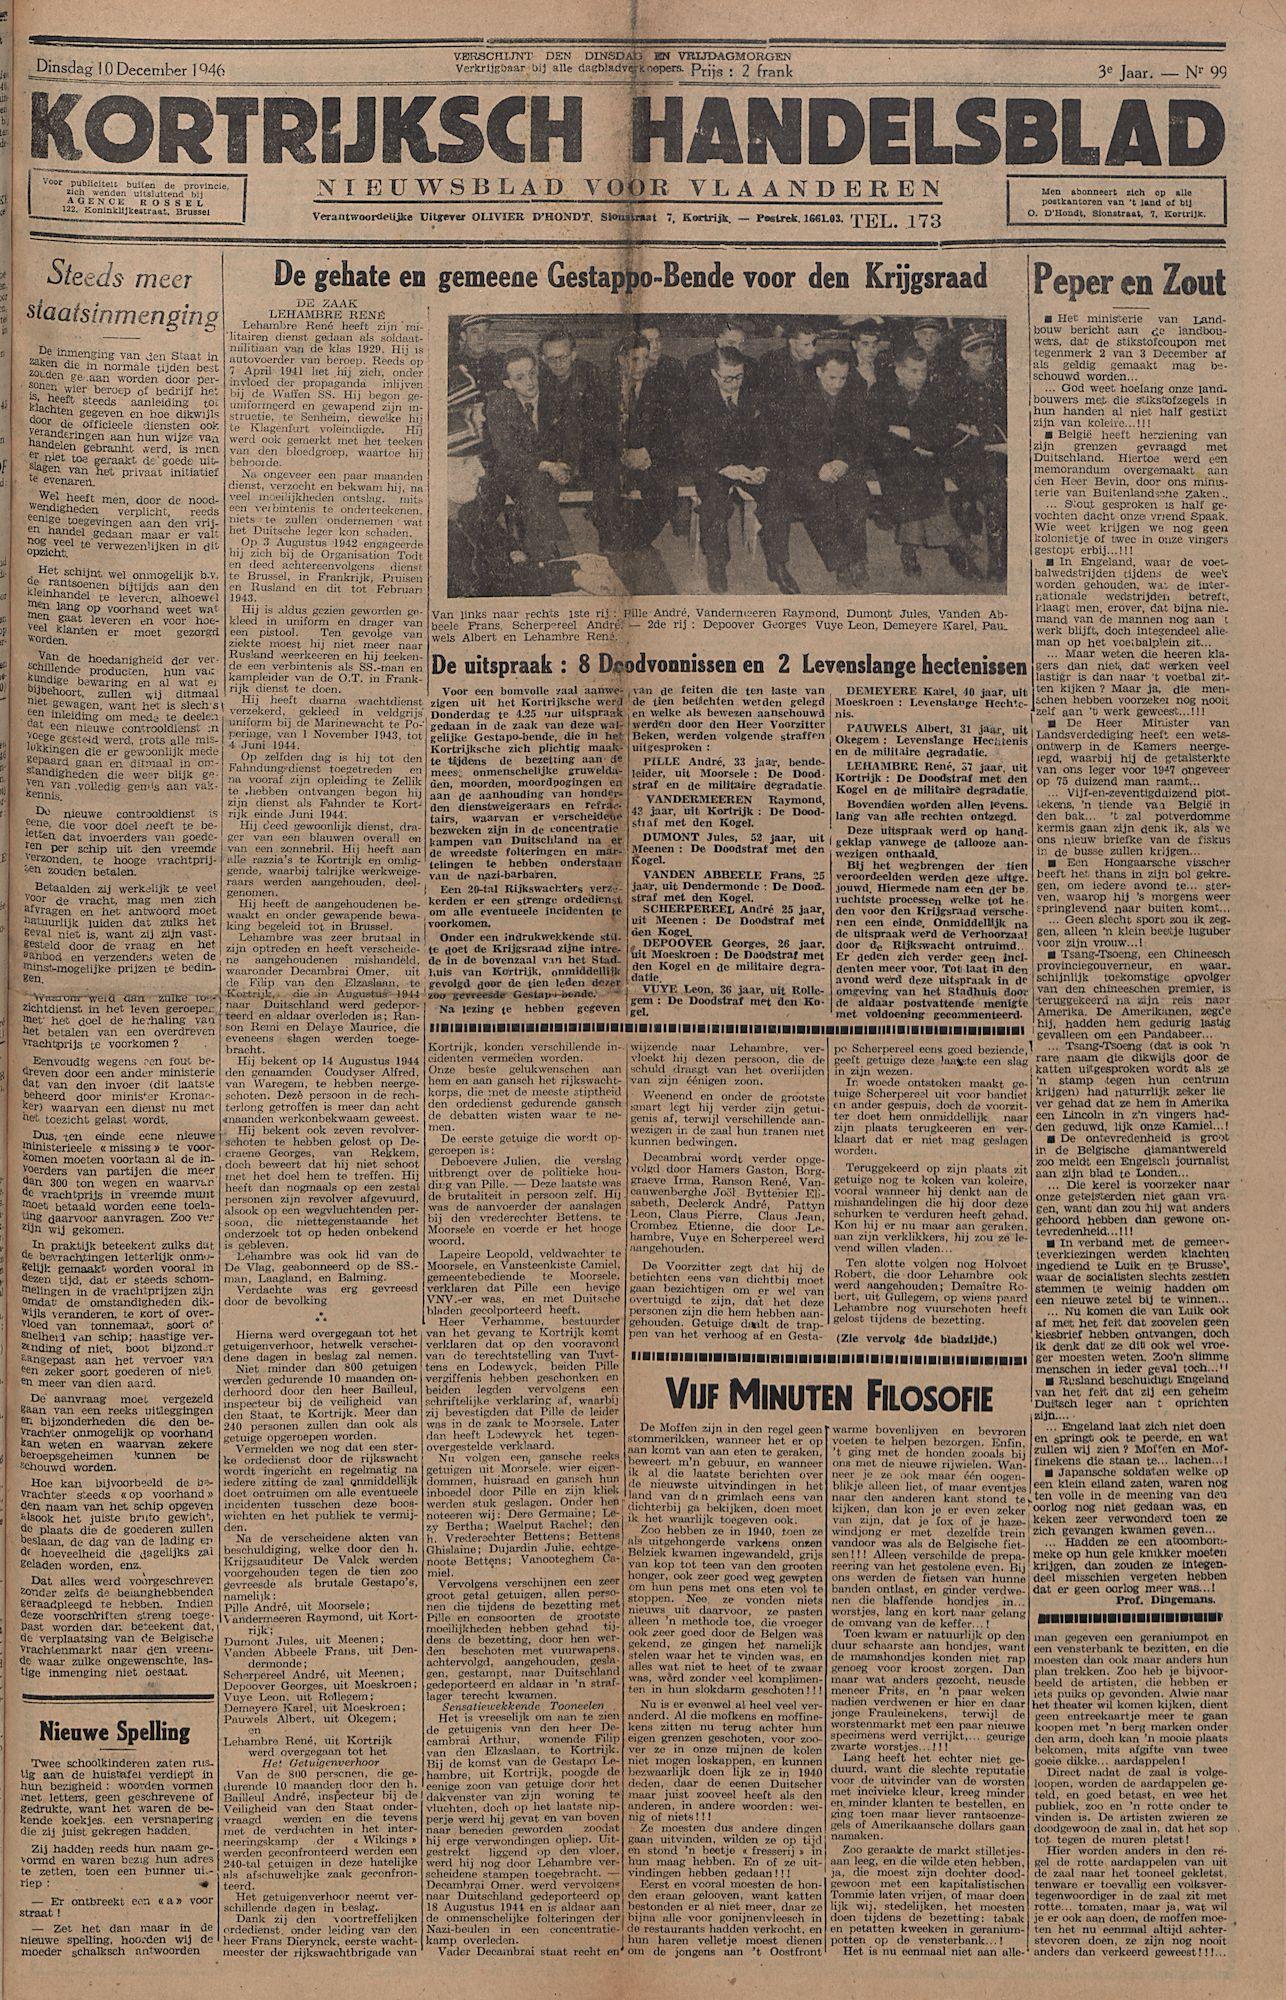 Kortrijksch Handelsblad 10 december 1946 Nr99 p1